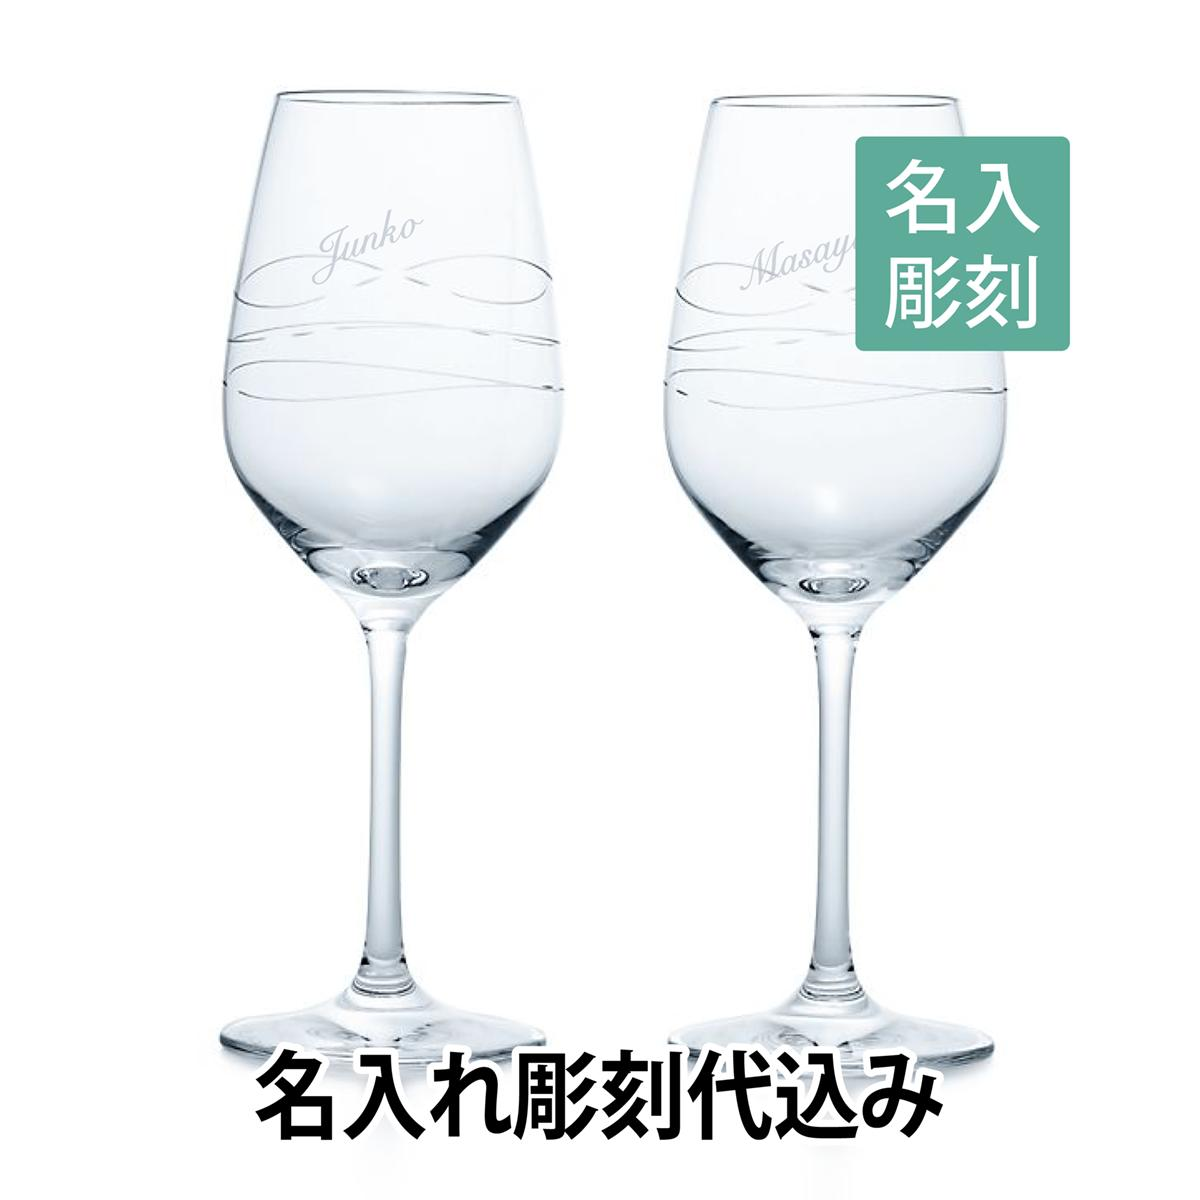 【名入れ彫刻】【ボックス・紙袋付】ティファニー/Tiffany カデンツ ワイン グラス ペア名入れ彫刻代込み【ラッピング無料】